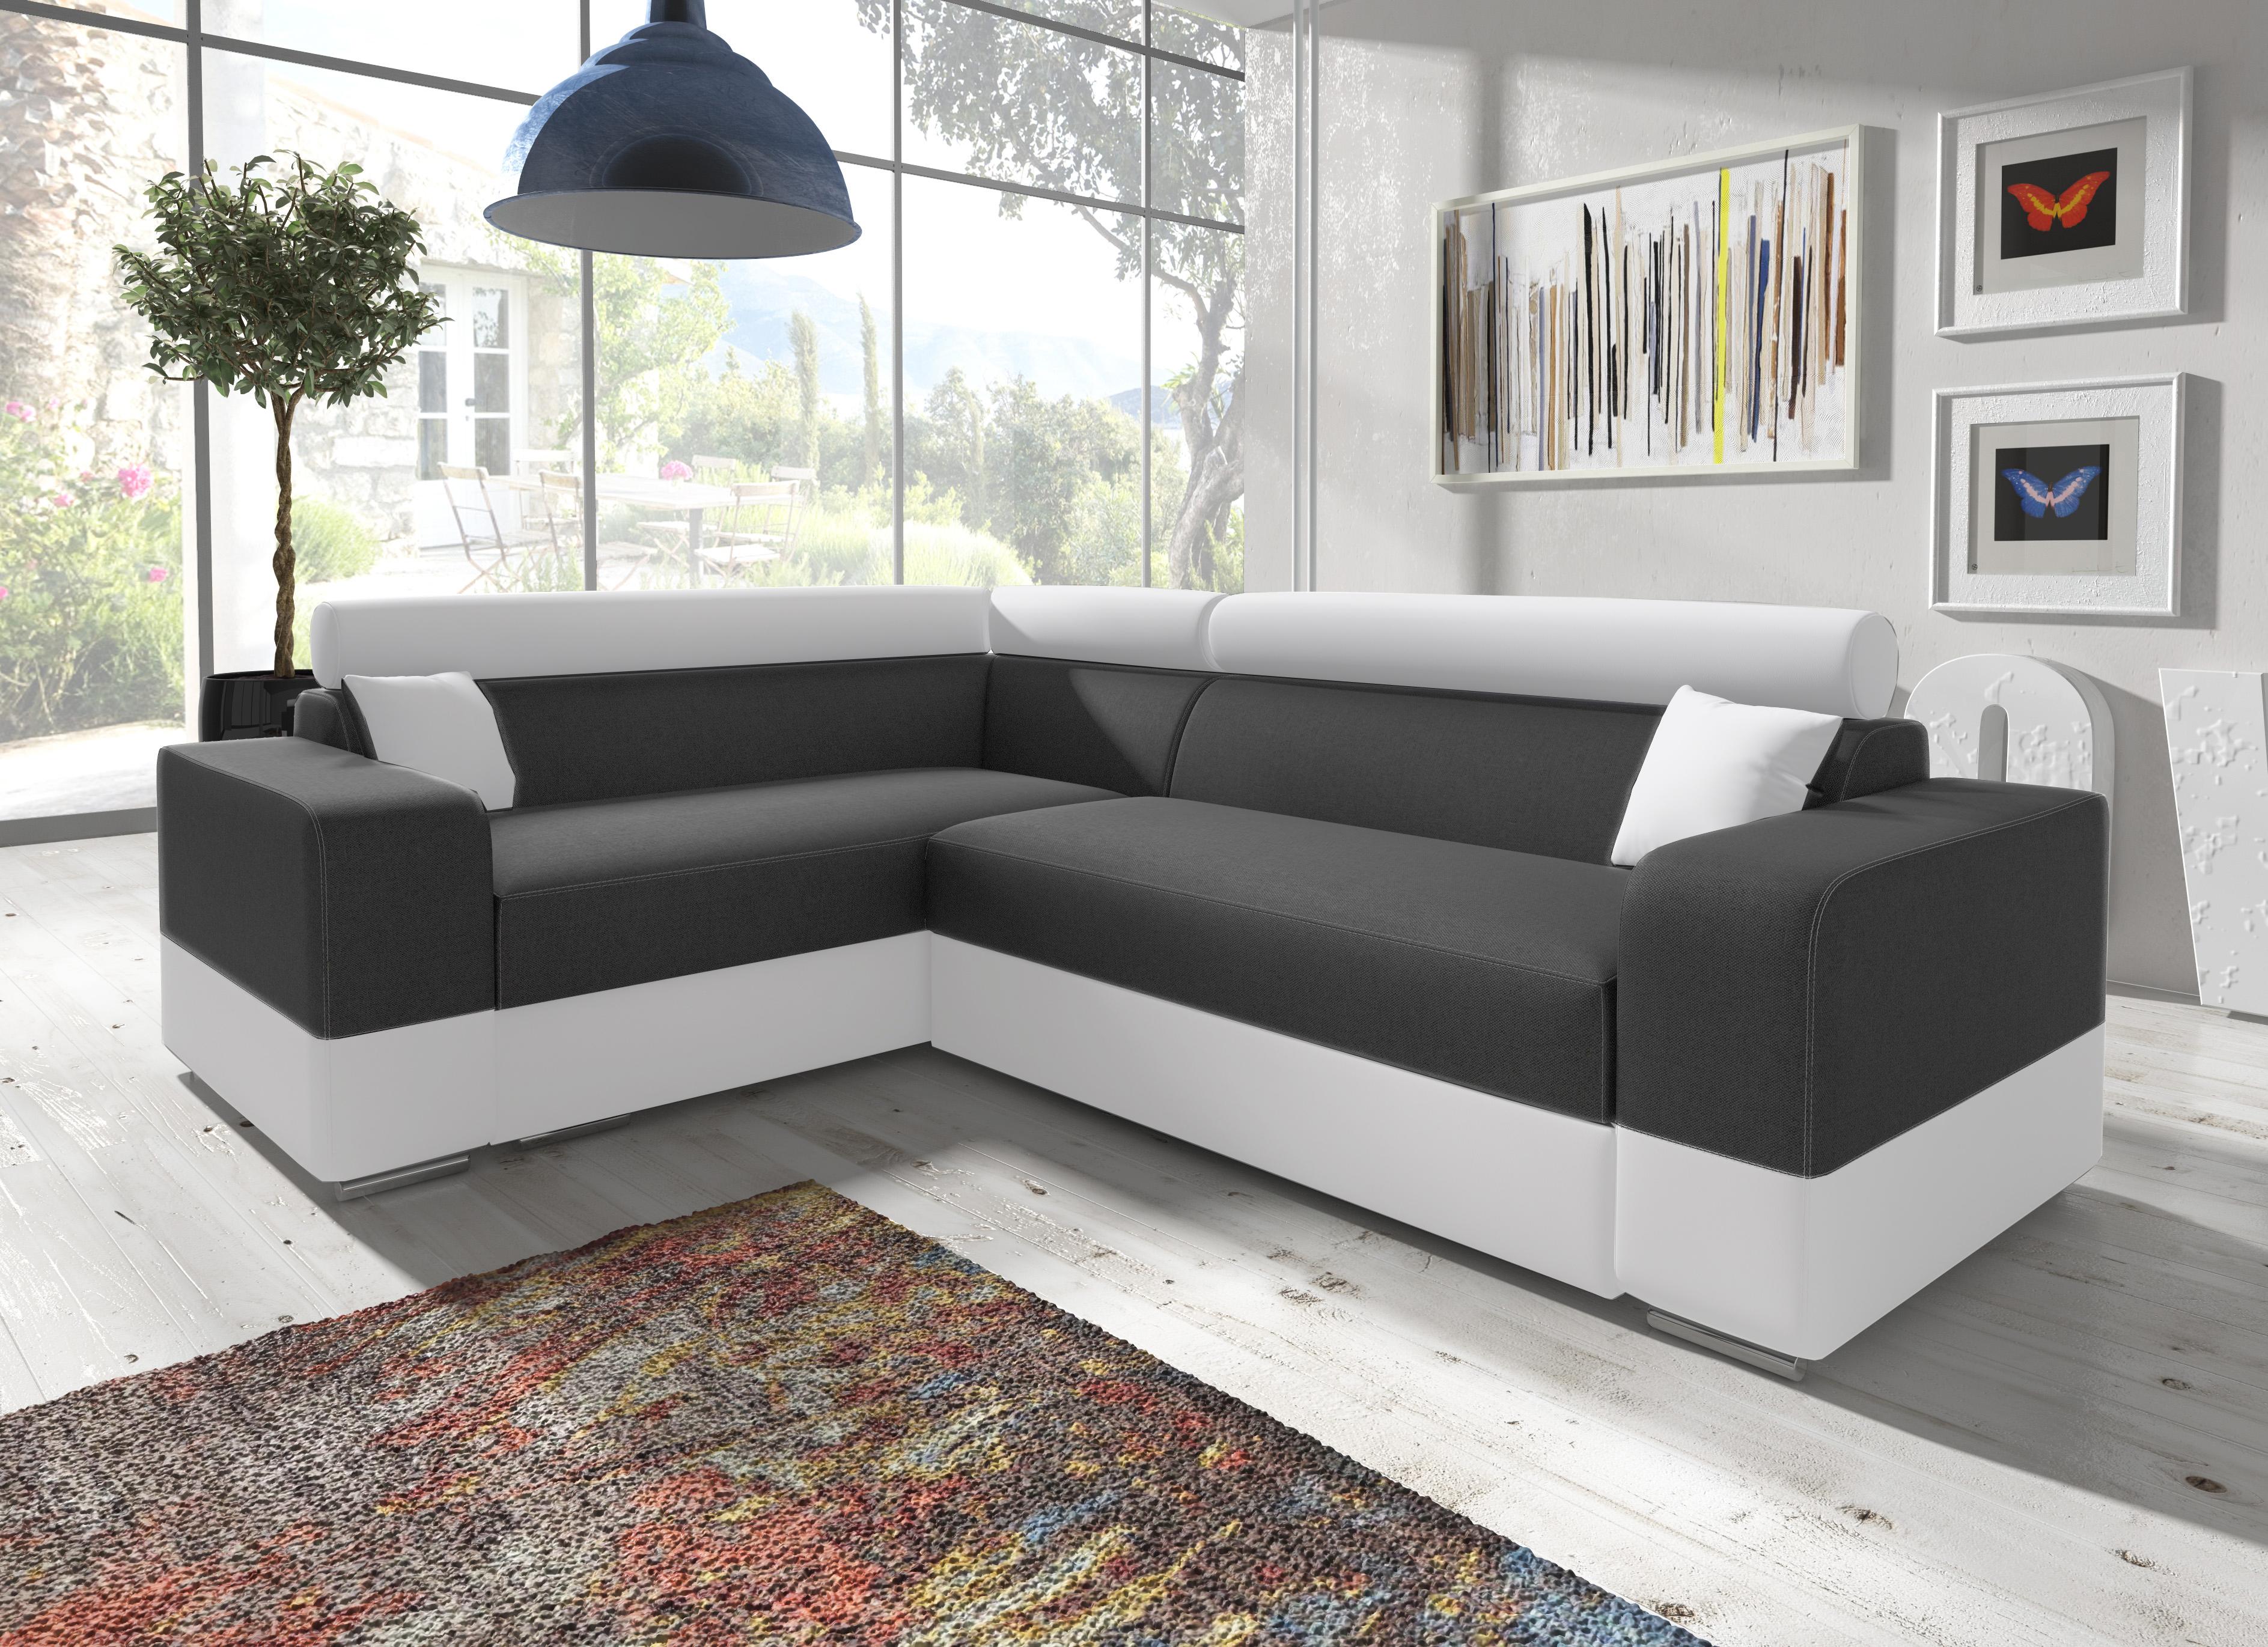 kleines ecksofa mit schlaffunktion und bettkasten sofa grau wei georg mini ebay. Black Bedroom Furniture Sets. Home Design Ideas